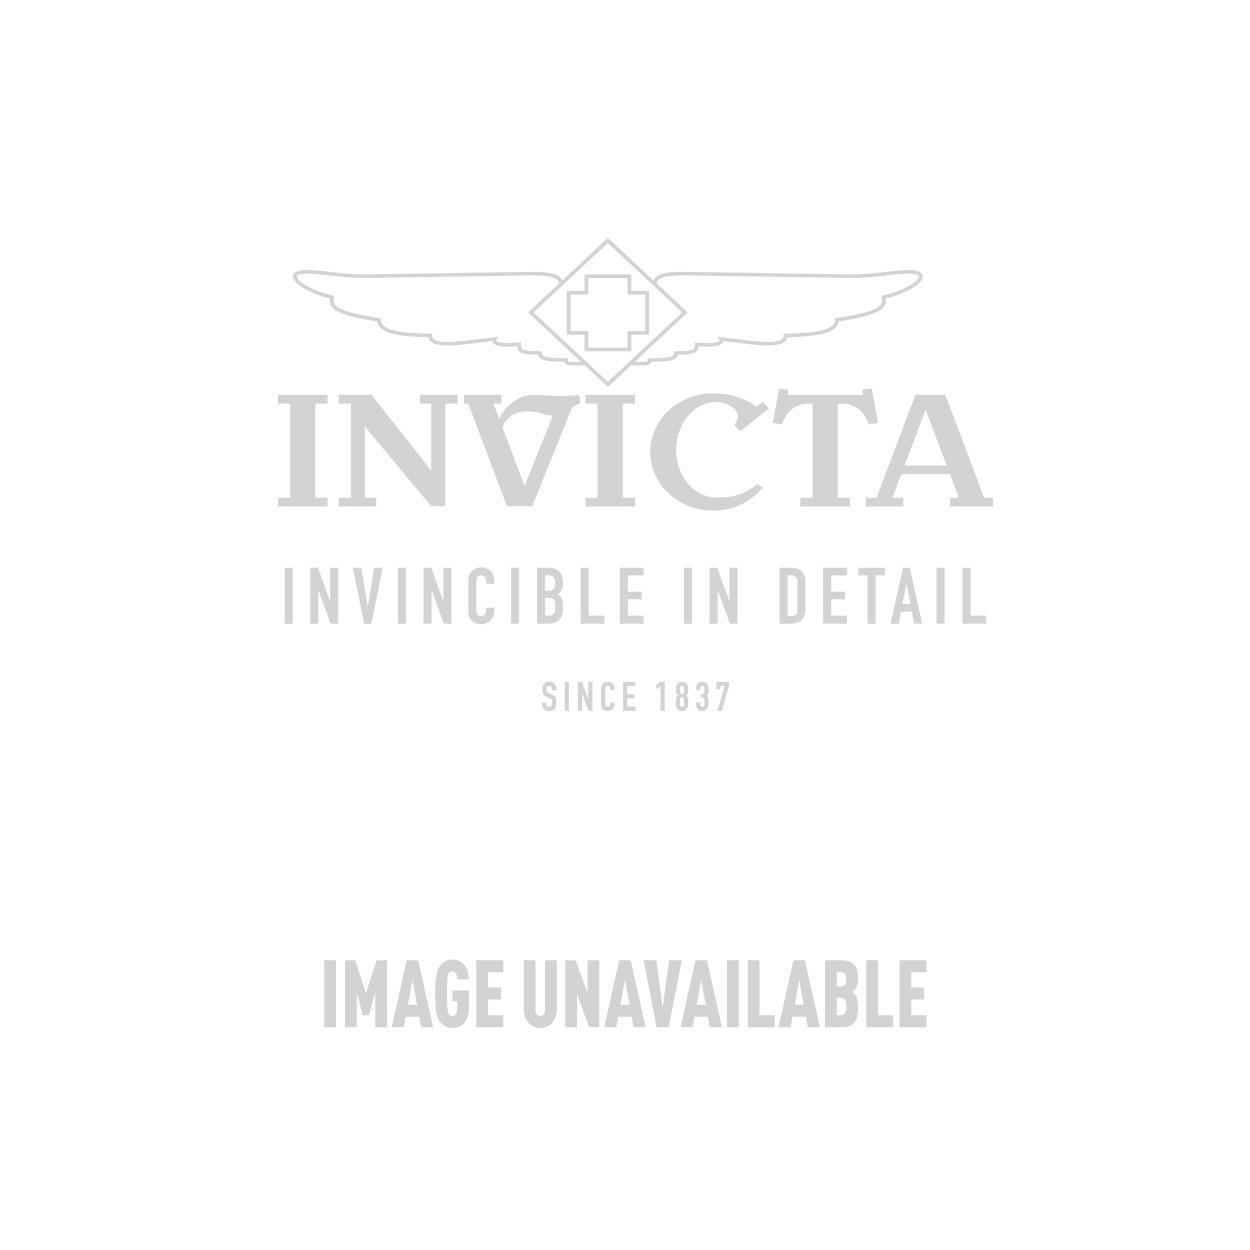 Invicta Model 22784